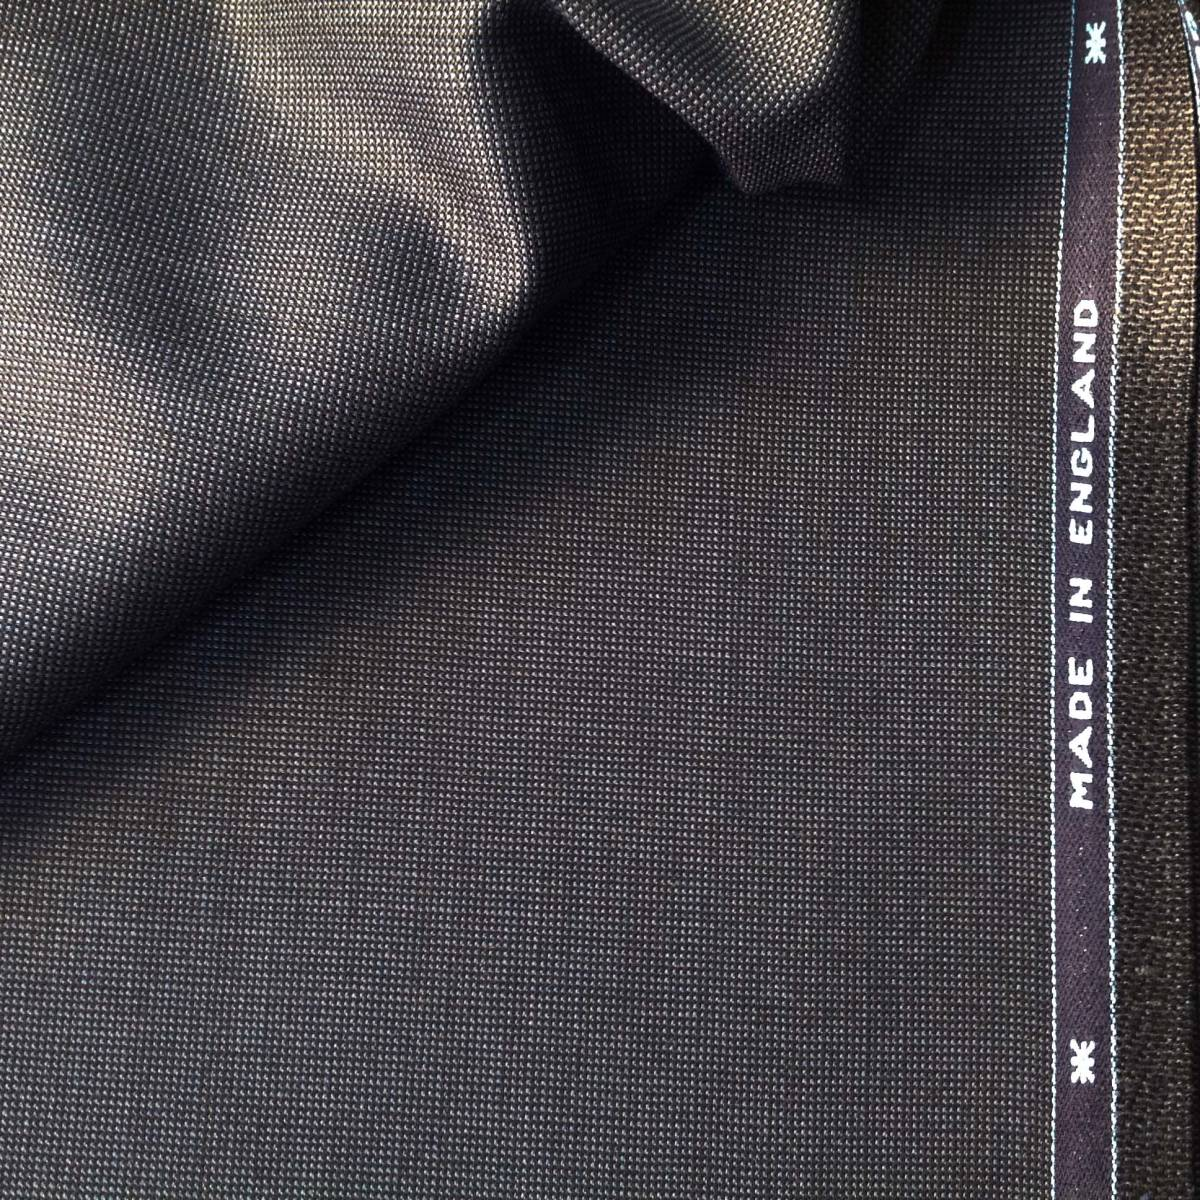 【服地】 スキャバル 紺系 織ネーム付 重さ1020g 3.2m 毛100%イギリス製  0123-3_画像2